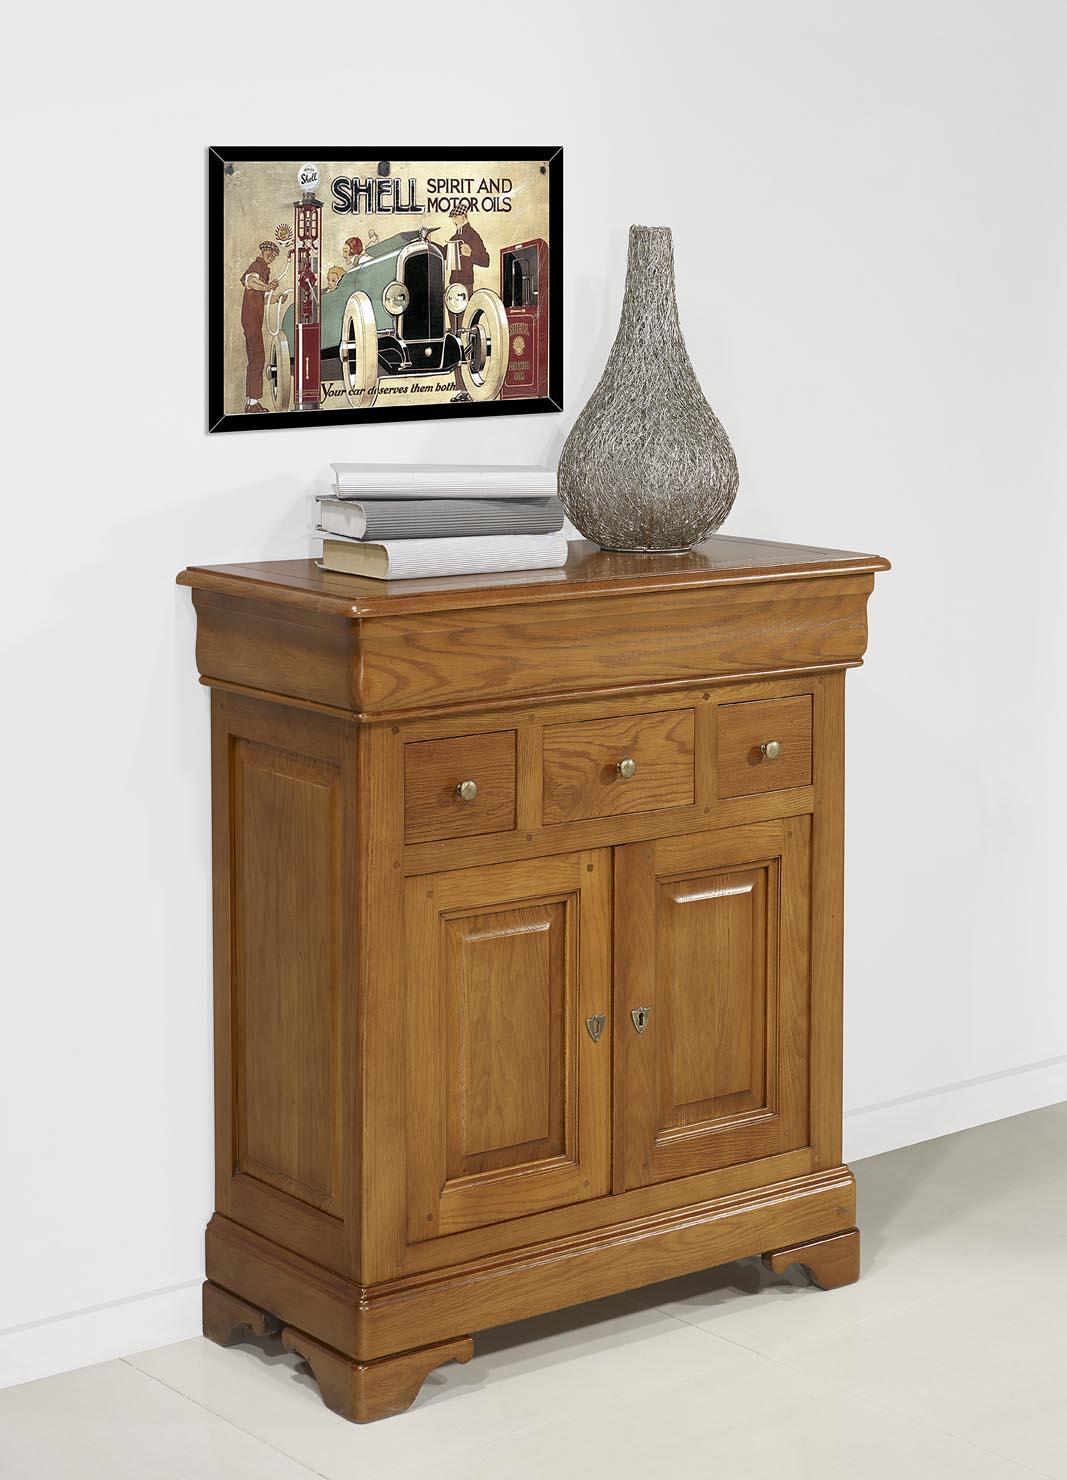 petit buffet ethan 2 portes 4 tiroirs en ch ne massif de style louis philippe finition ch ne. Black Bedroom Furniture Sets. Home Design Ideas